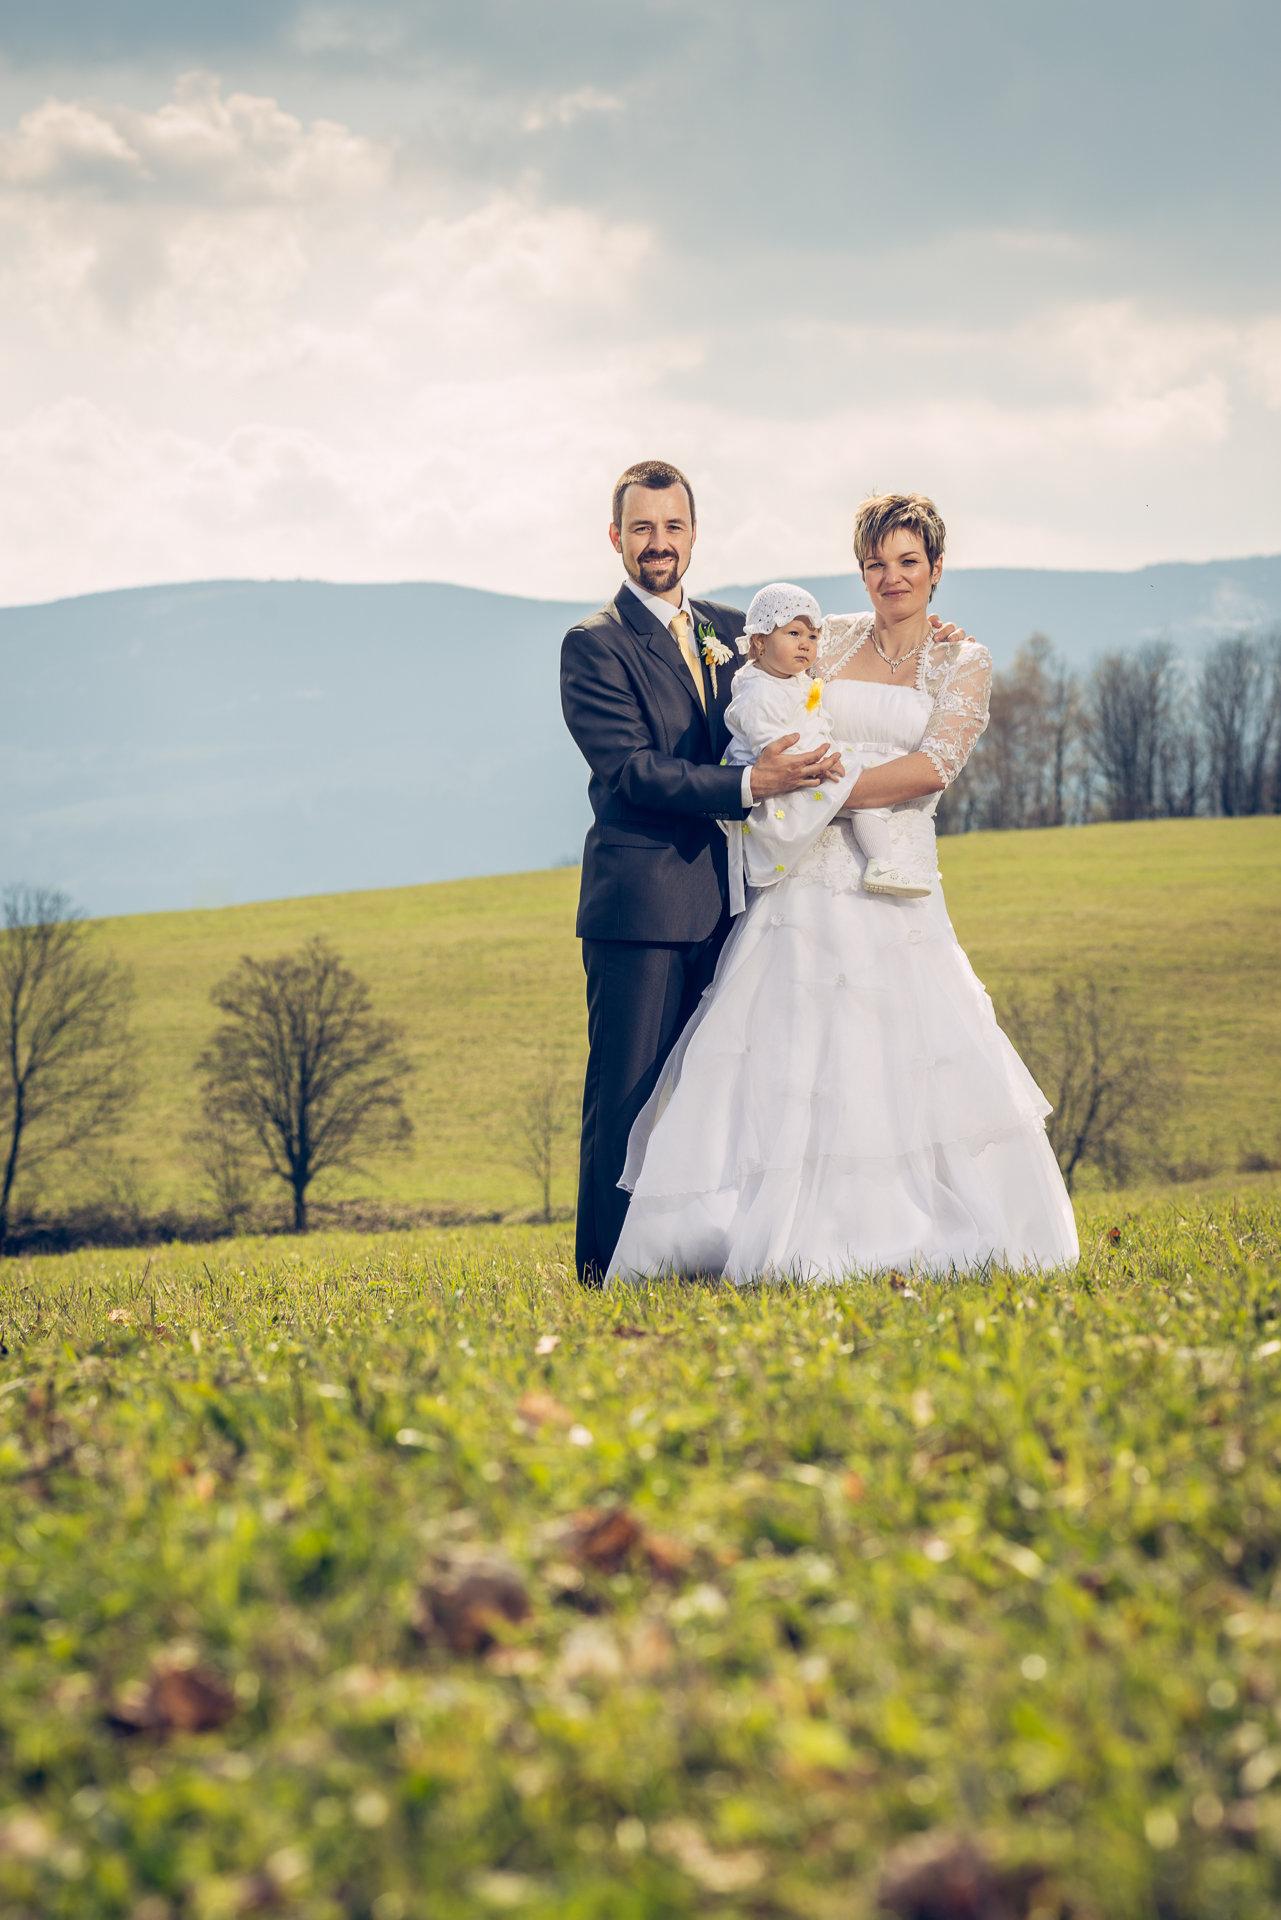 svatba-sedlackovi-15